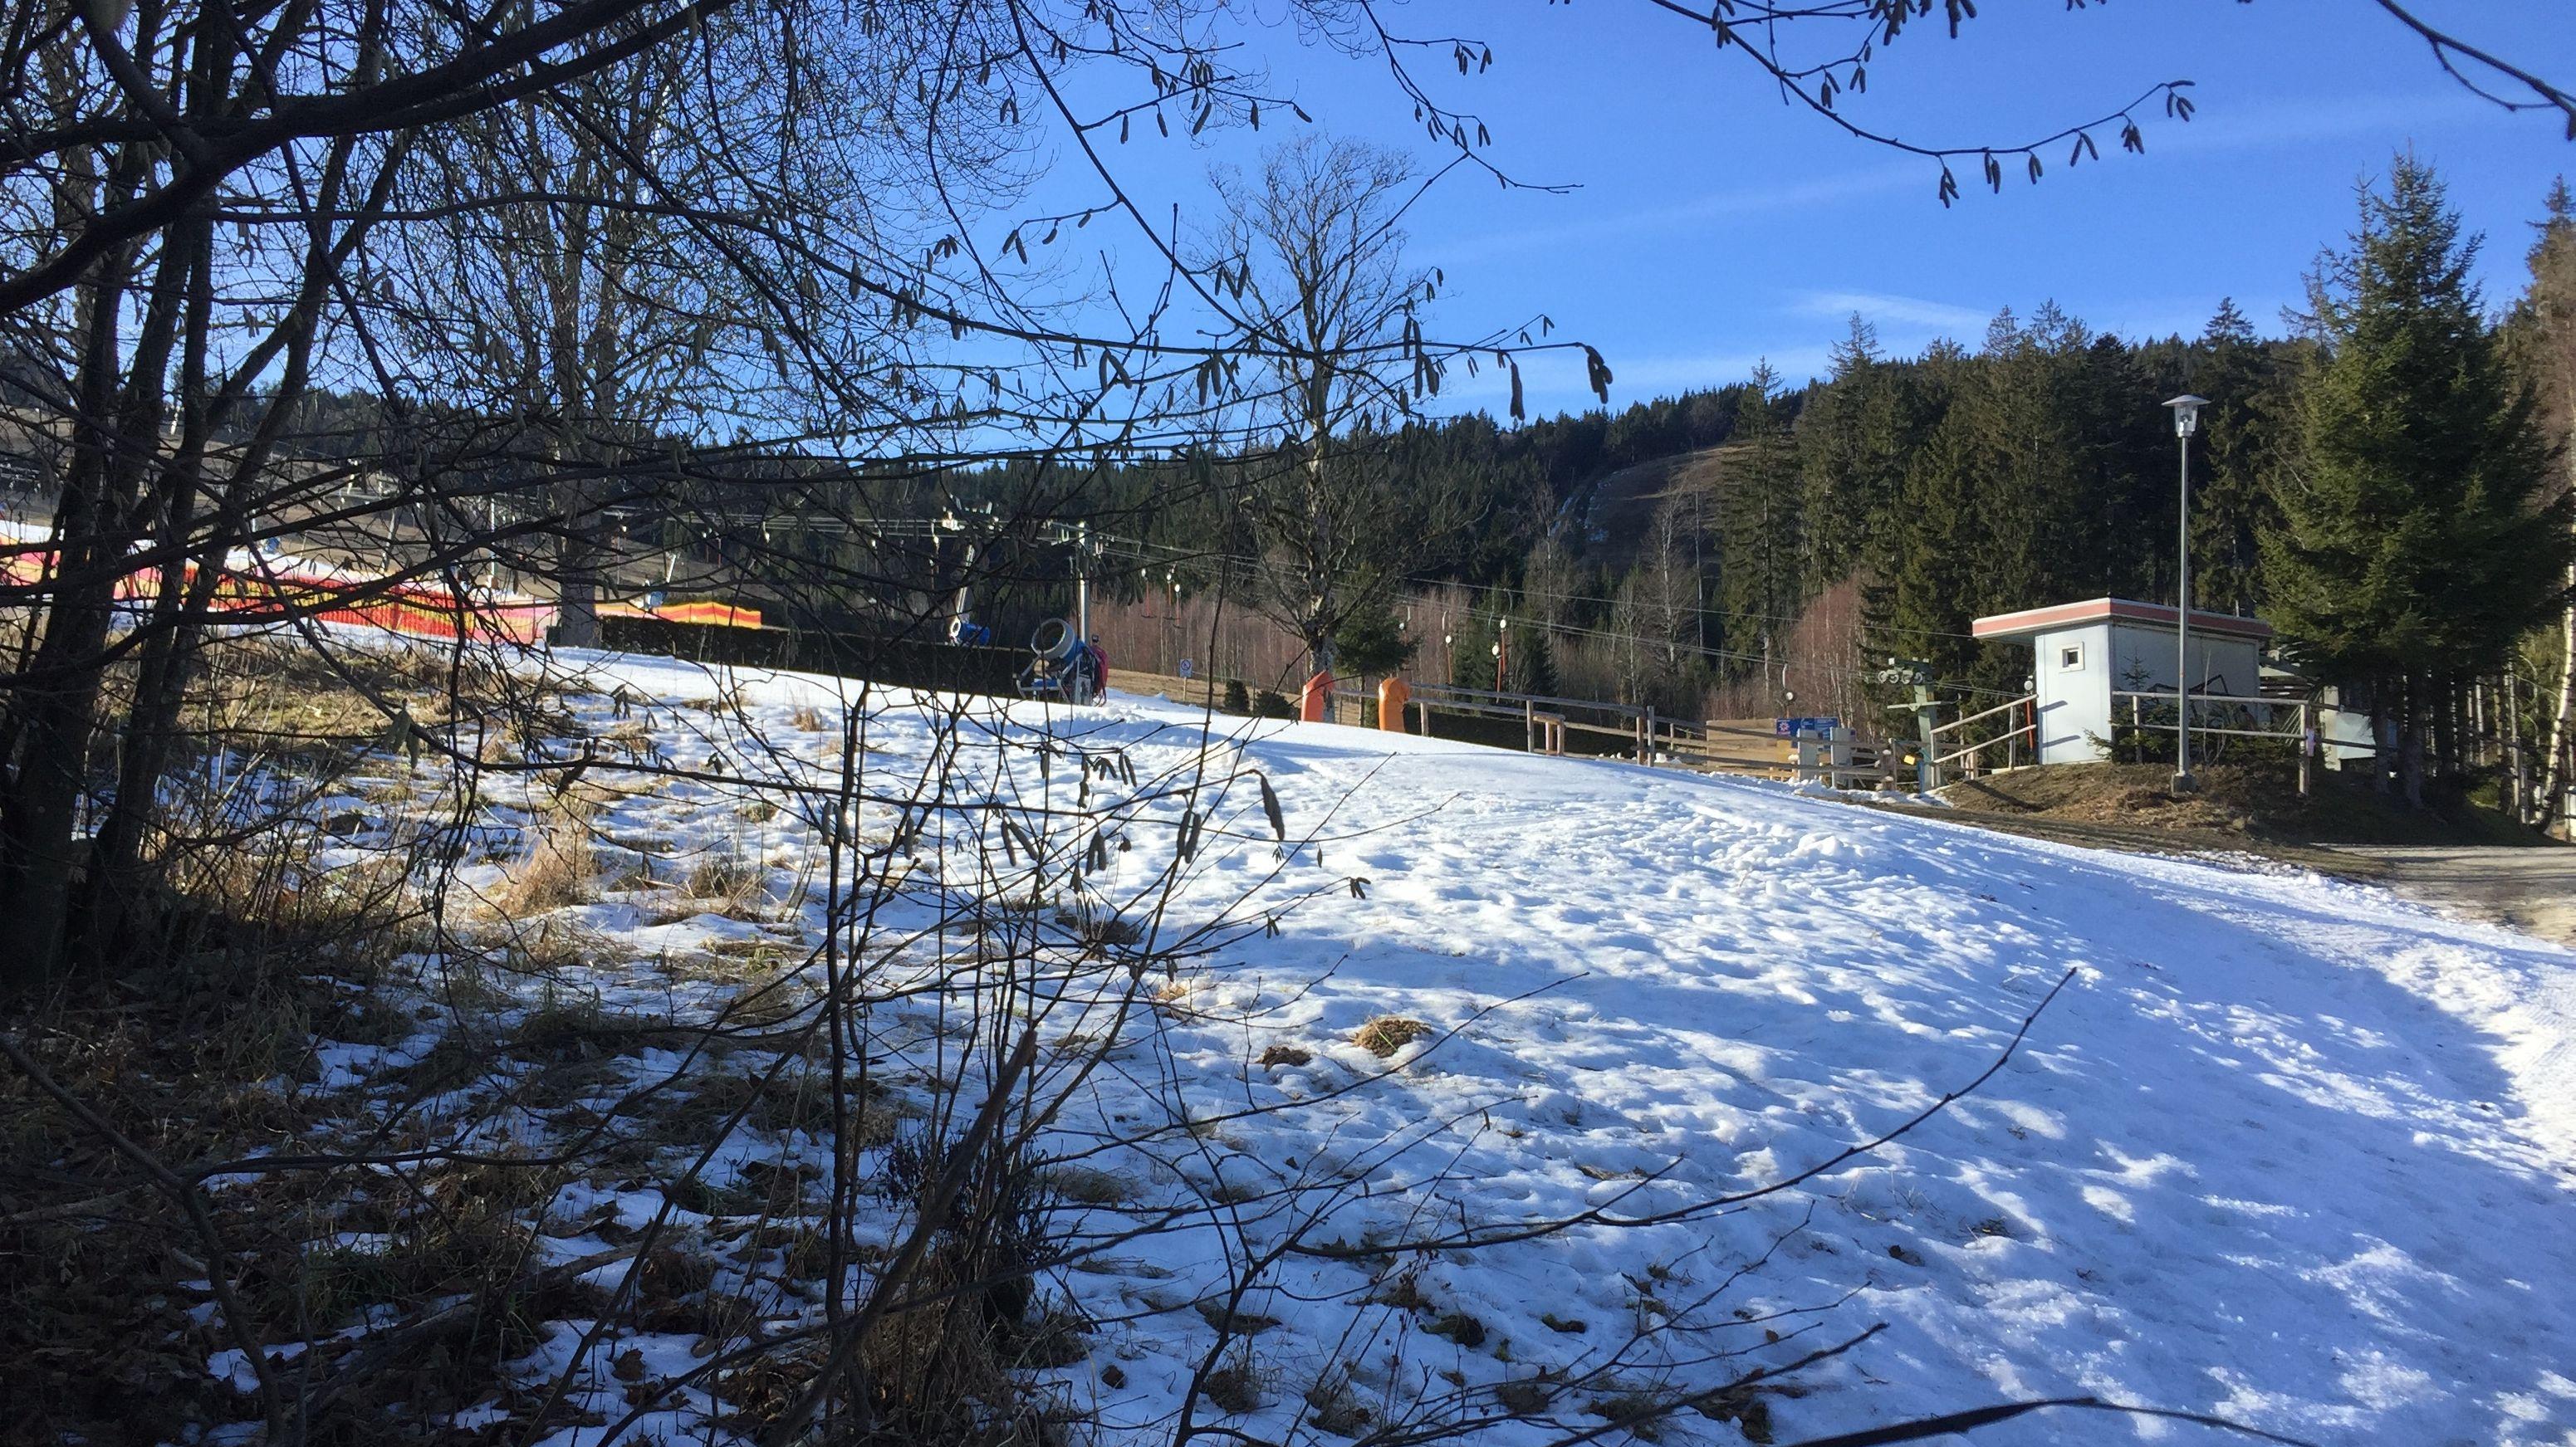 Schneemangel im Bayerischen wald